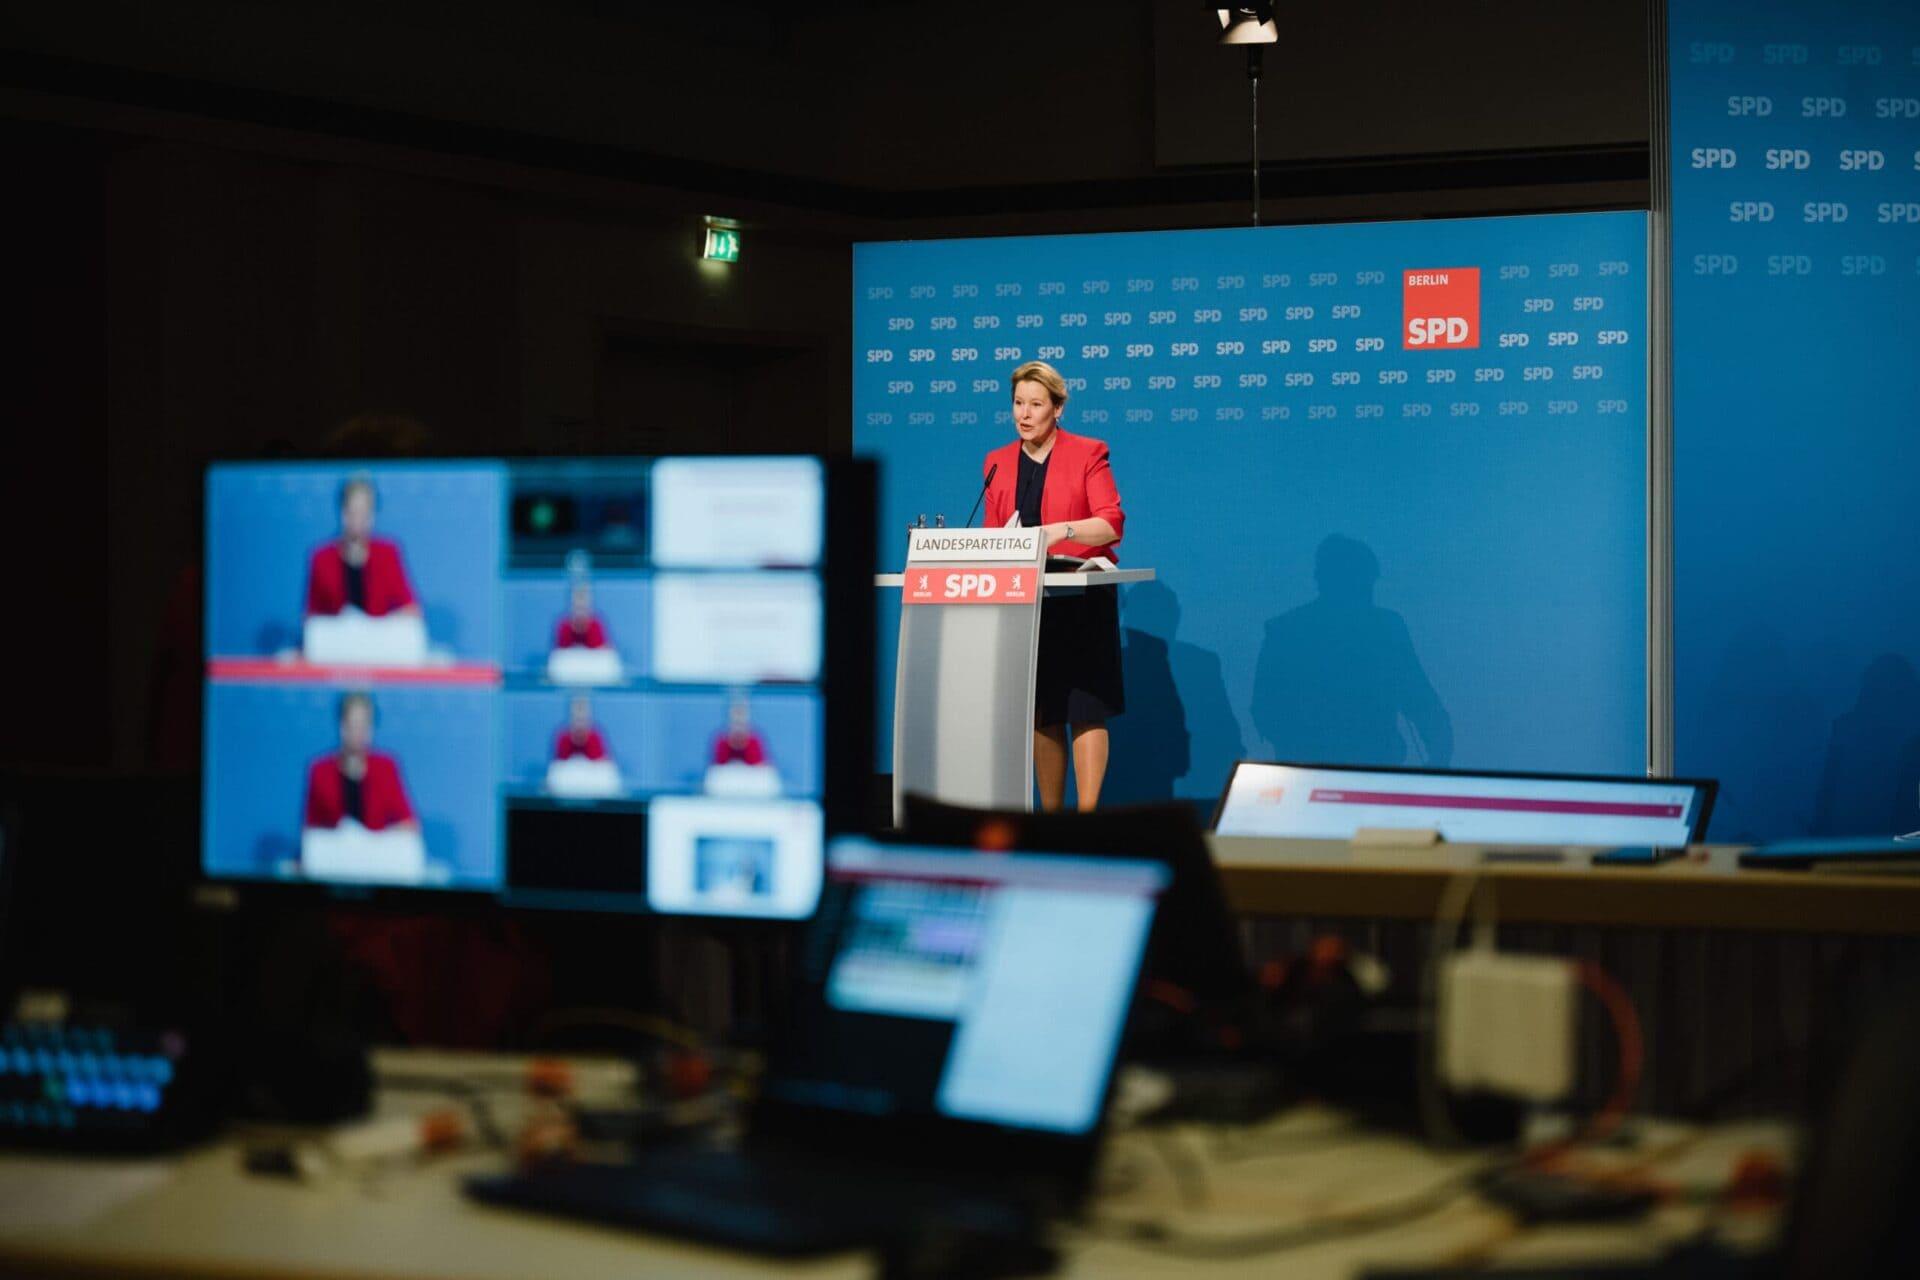 Franziska Giffey spricht auf dem ersten digitalen Parteitag der SPD Berlin.